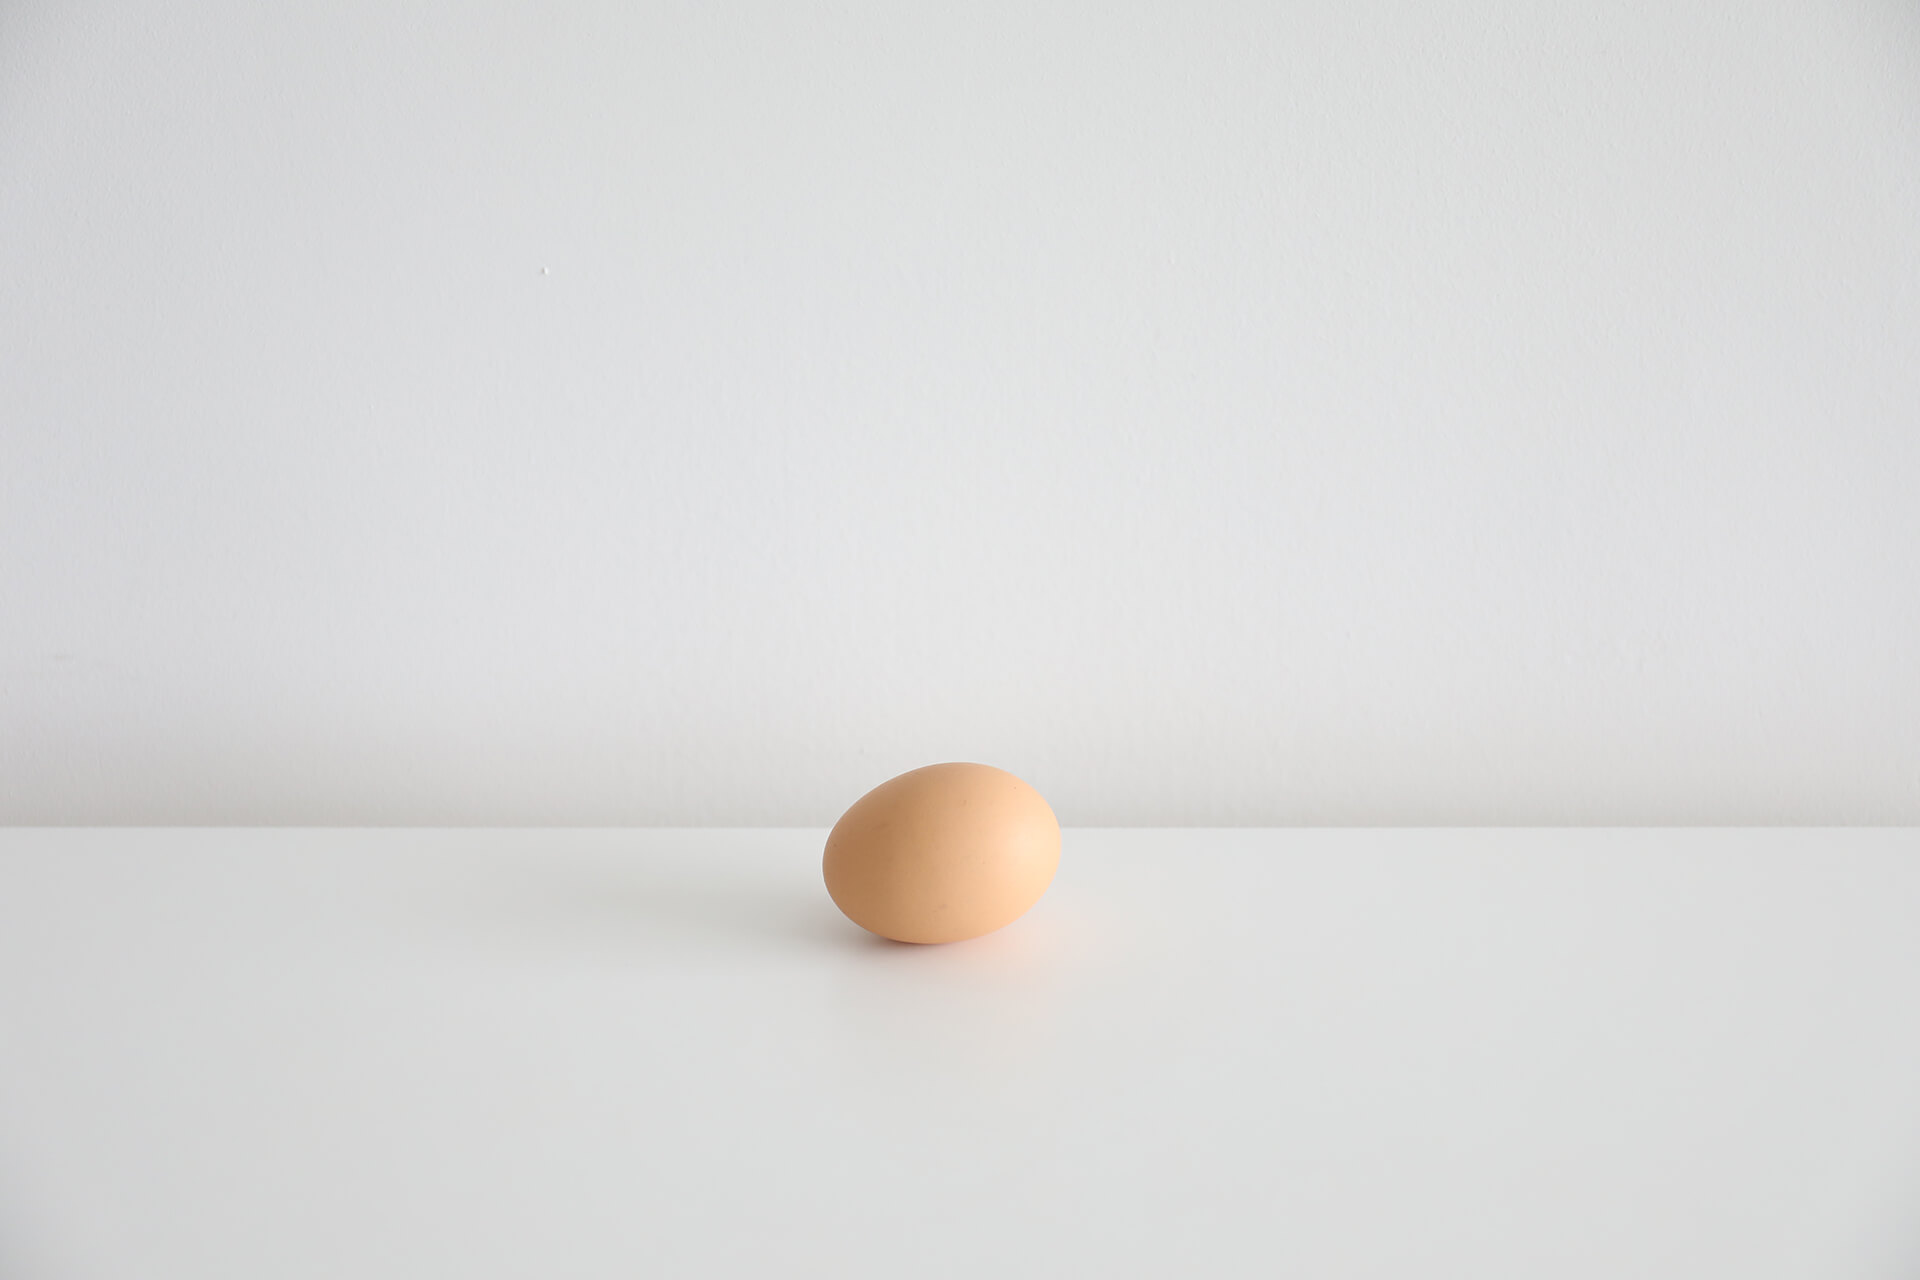 egg thumbnail image.JPG